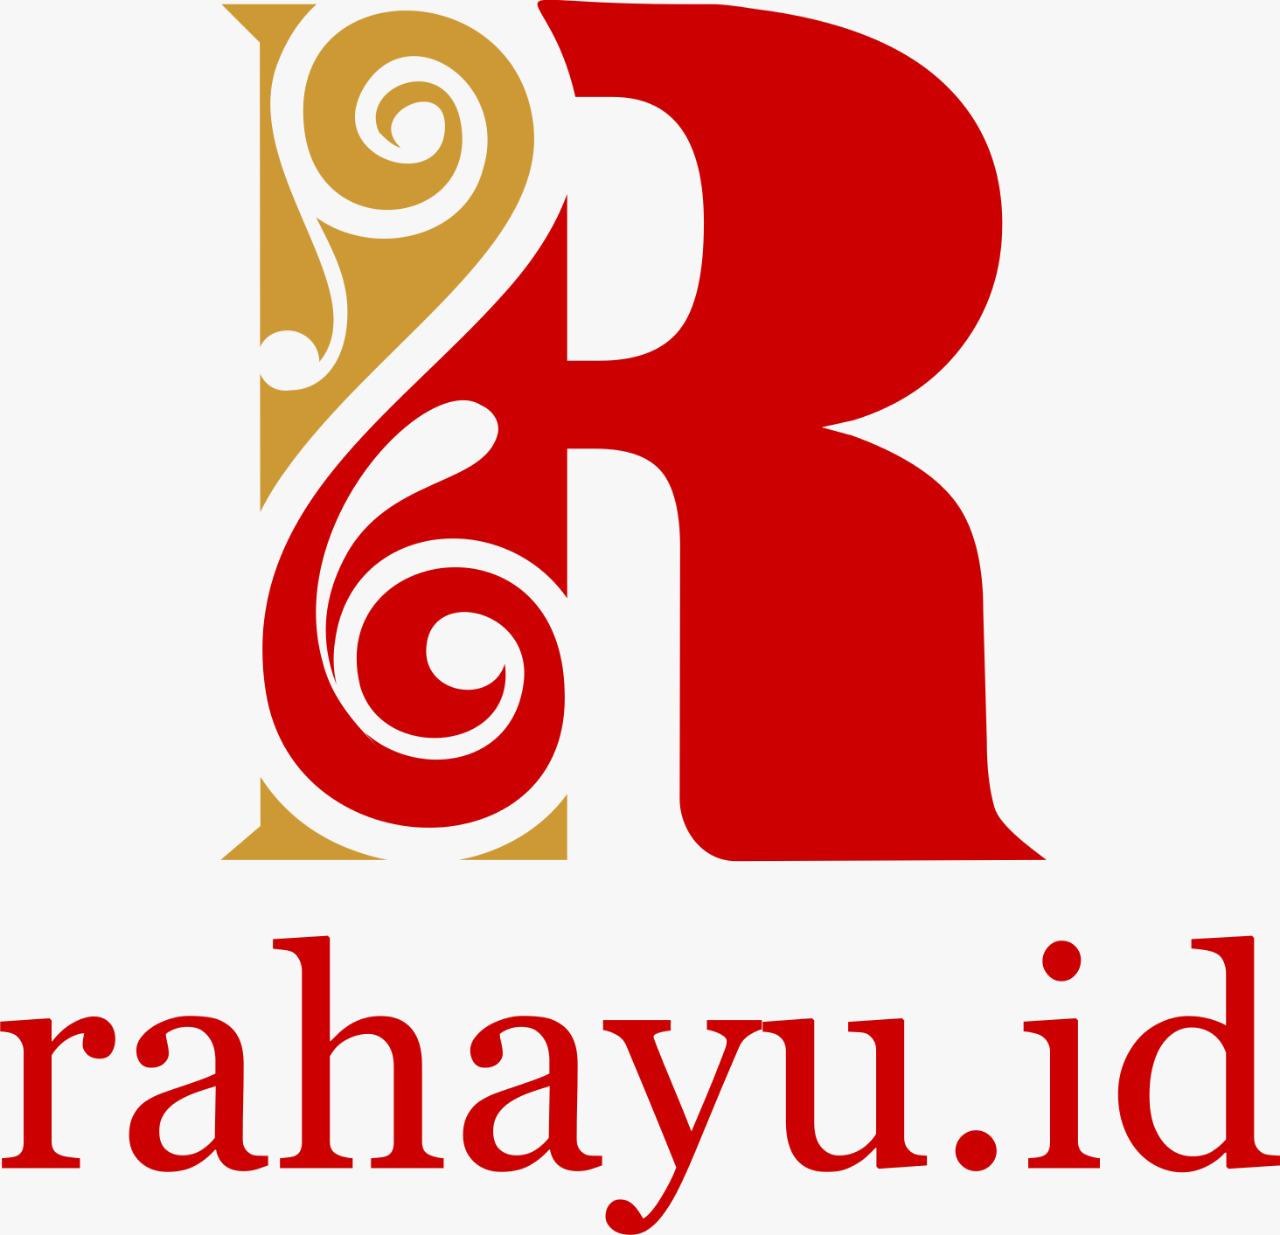 Rahayu.id